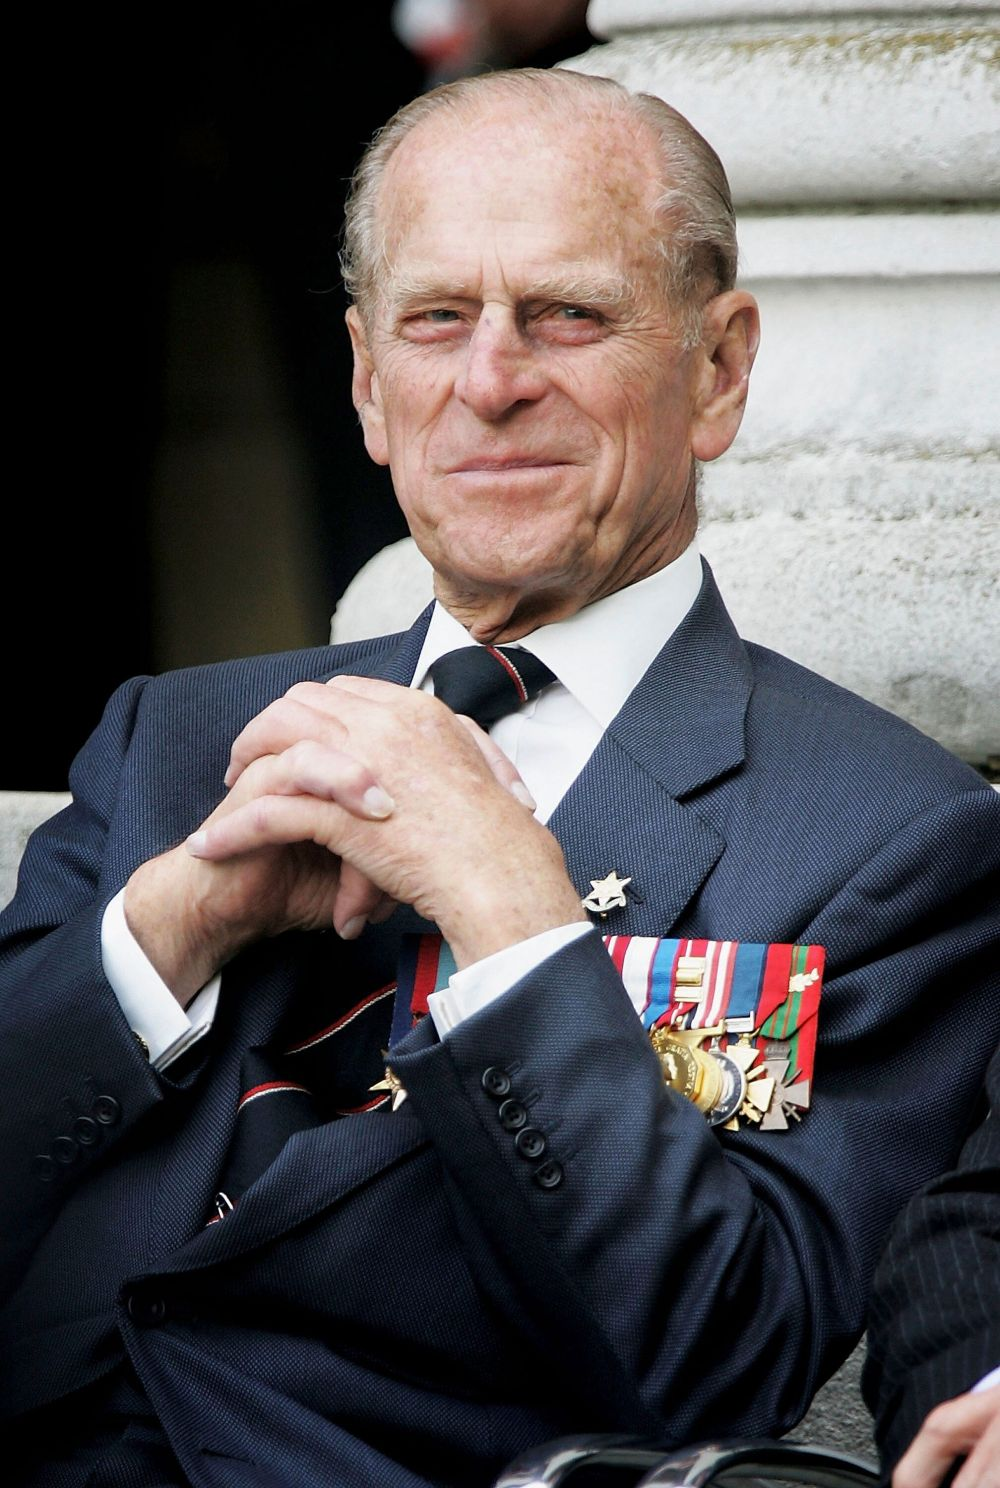 Buckingham Palace Announces Prince Philip's Funeral Arrangements